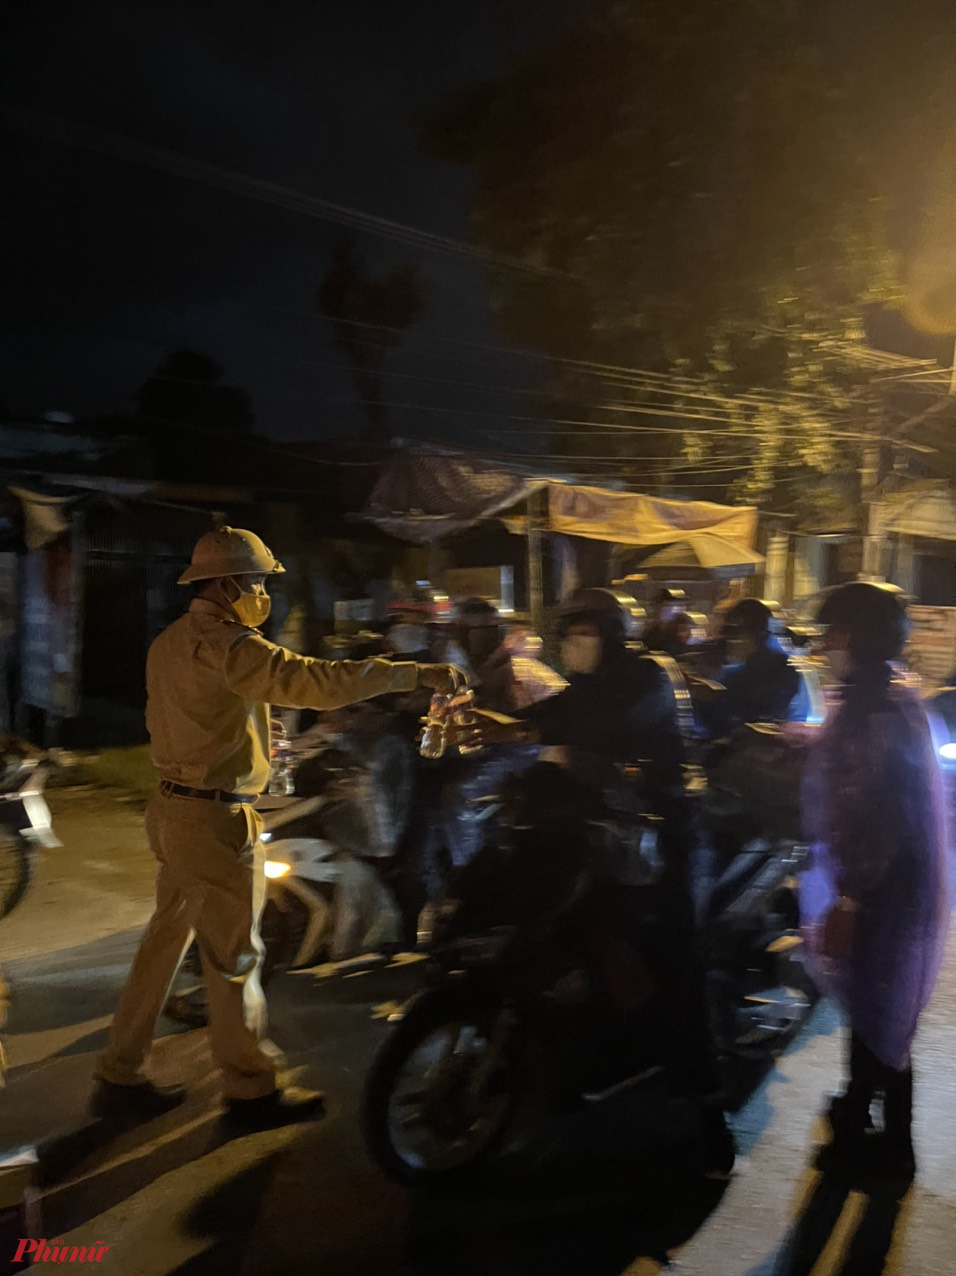 Số người này đi chuyển liên tục hơn 2 ngày nên rất đói khát, CATP Đà Nẵng đã chủ động hỗ trợ thức ăn, nước uống. Có 3 xe bị hỏng máy được CATP Đà Nẵng trung chuyển.